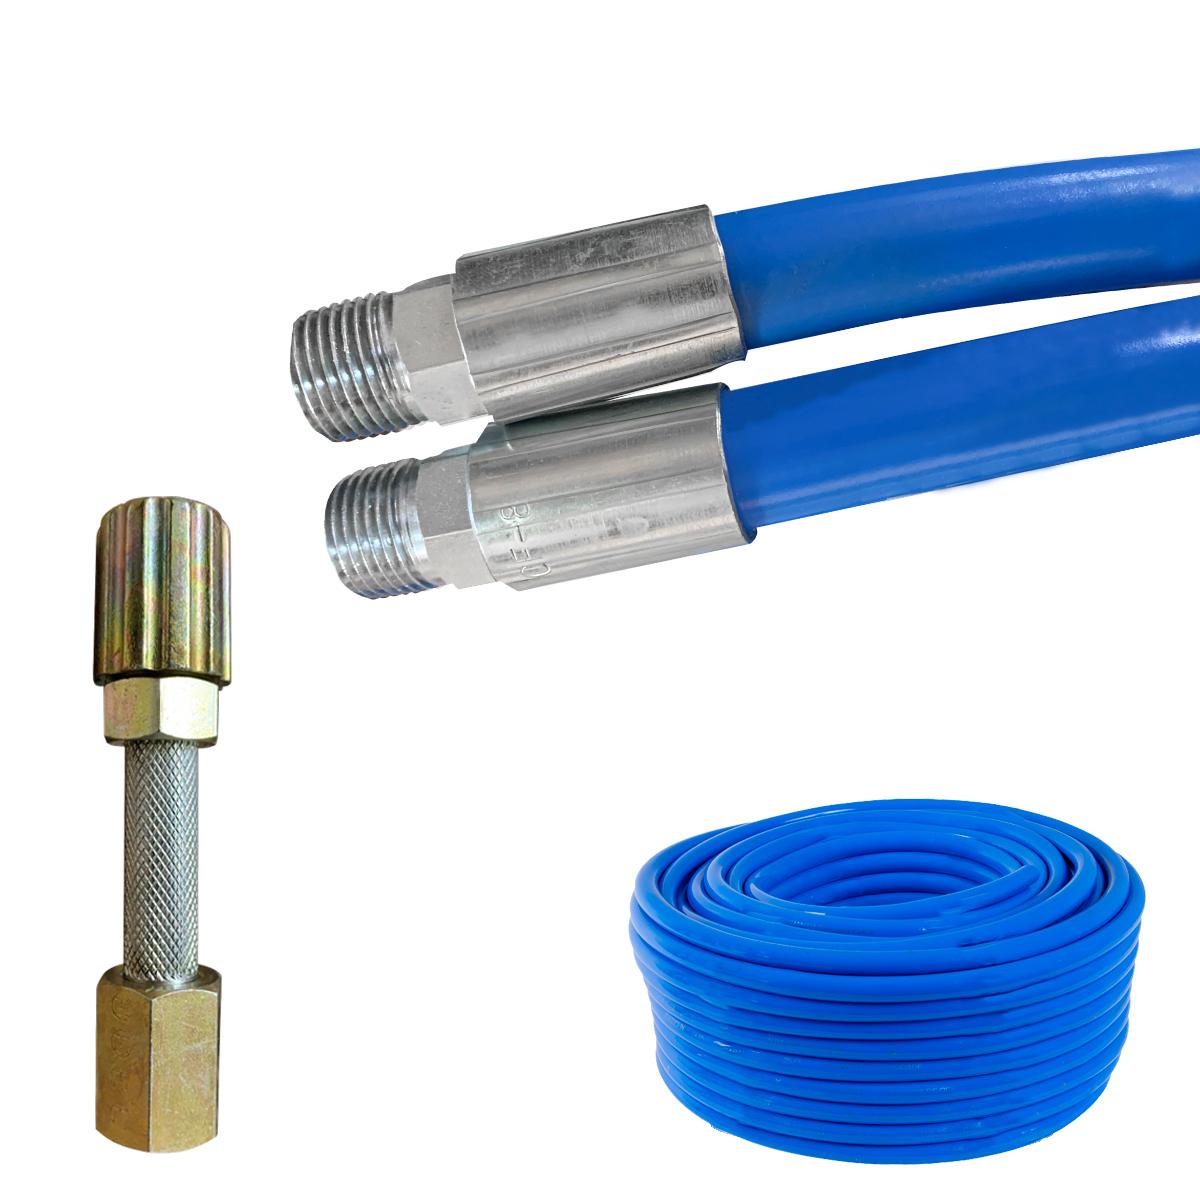 Mangueira Lava Rápido Jato Car Azul Lavadora Alta Pressão Conexão 1/2 Prensado Com Esguicho Metal 3,2mm